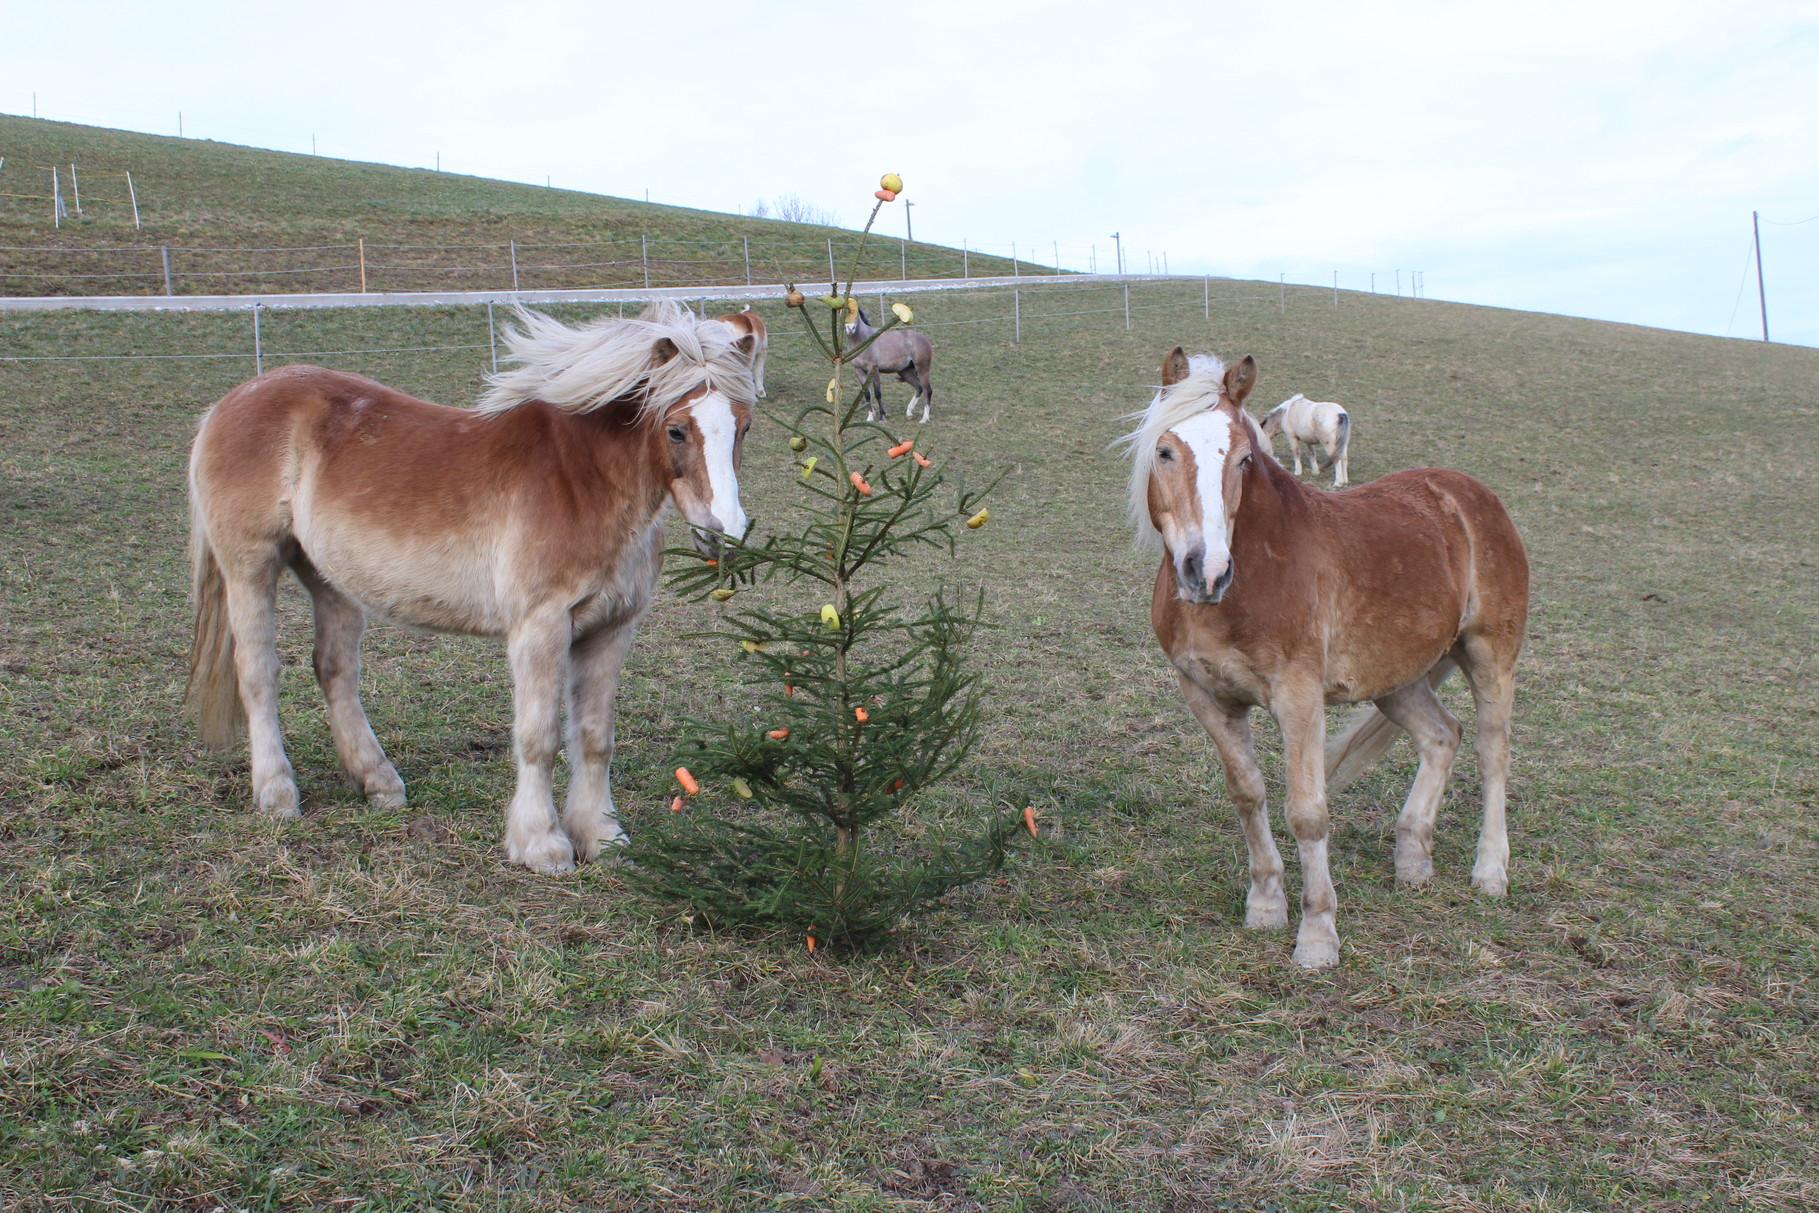 Frohe Weihnachten Pferd.Frohe Weihnachten Reitpanorama Forstner